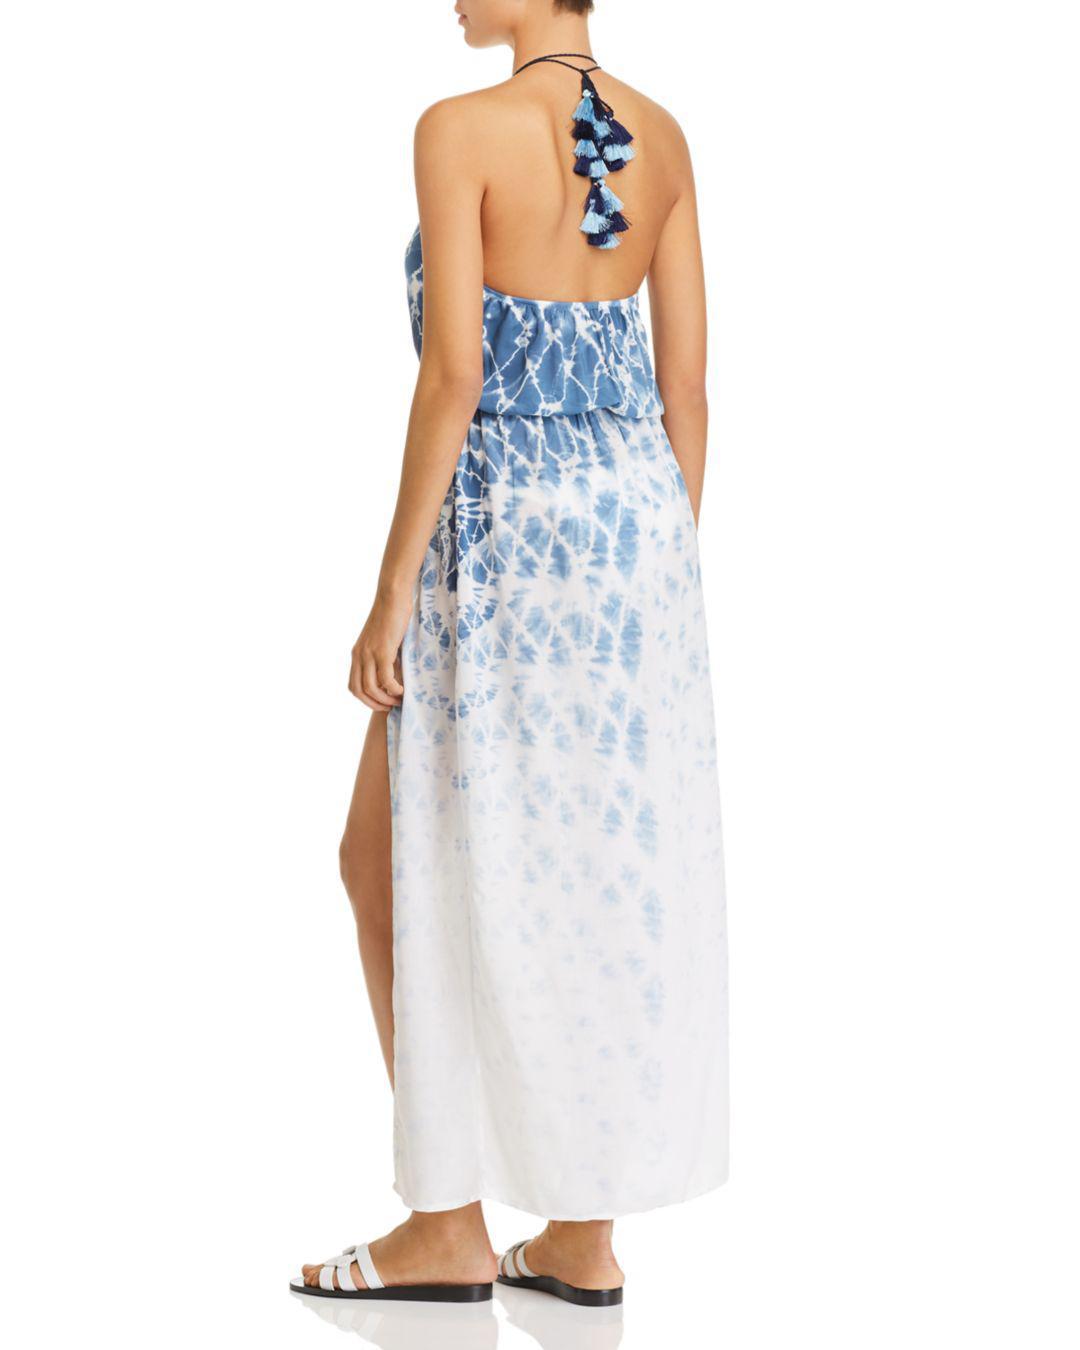 2a27f5f595 Surf Gypsy Tie-dye Maxi Dress Swim Cover-up in Blue - Lyst